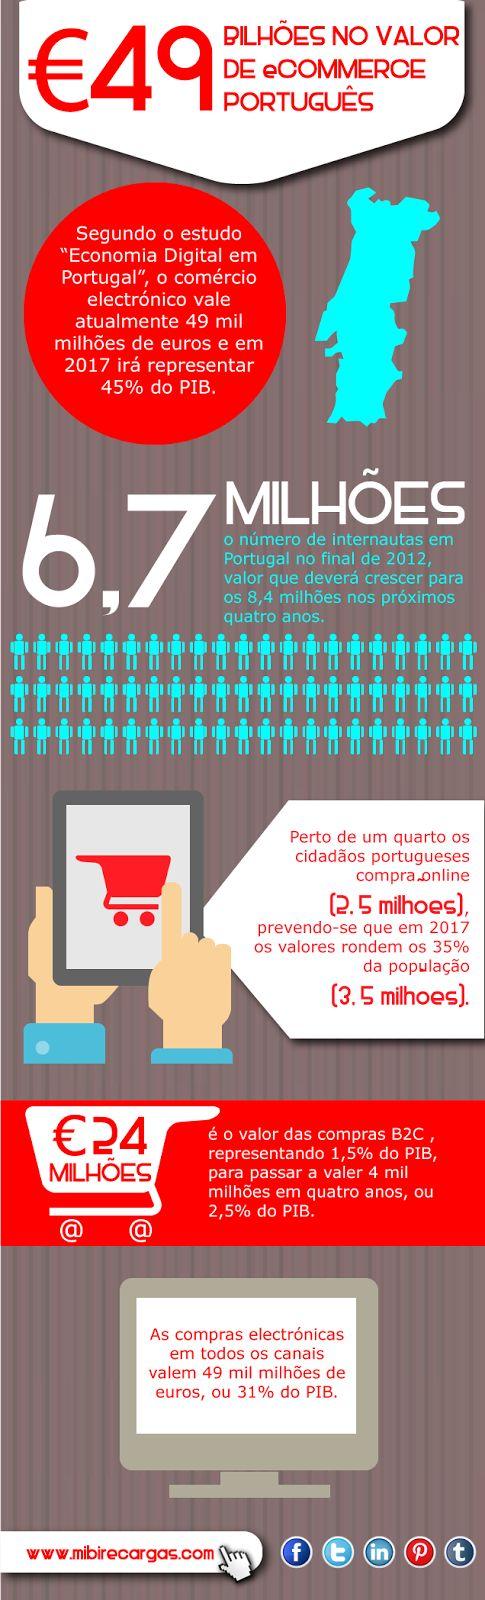 mibi blog: 49 Euros bilhões no valor de Ecommerce português